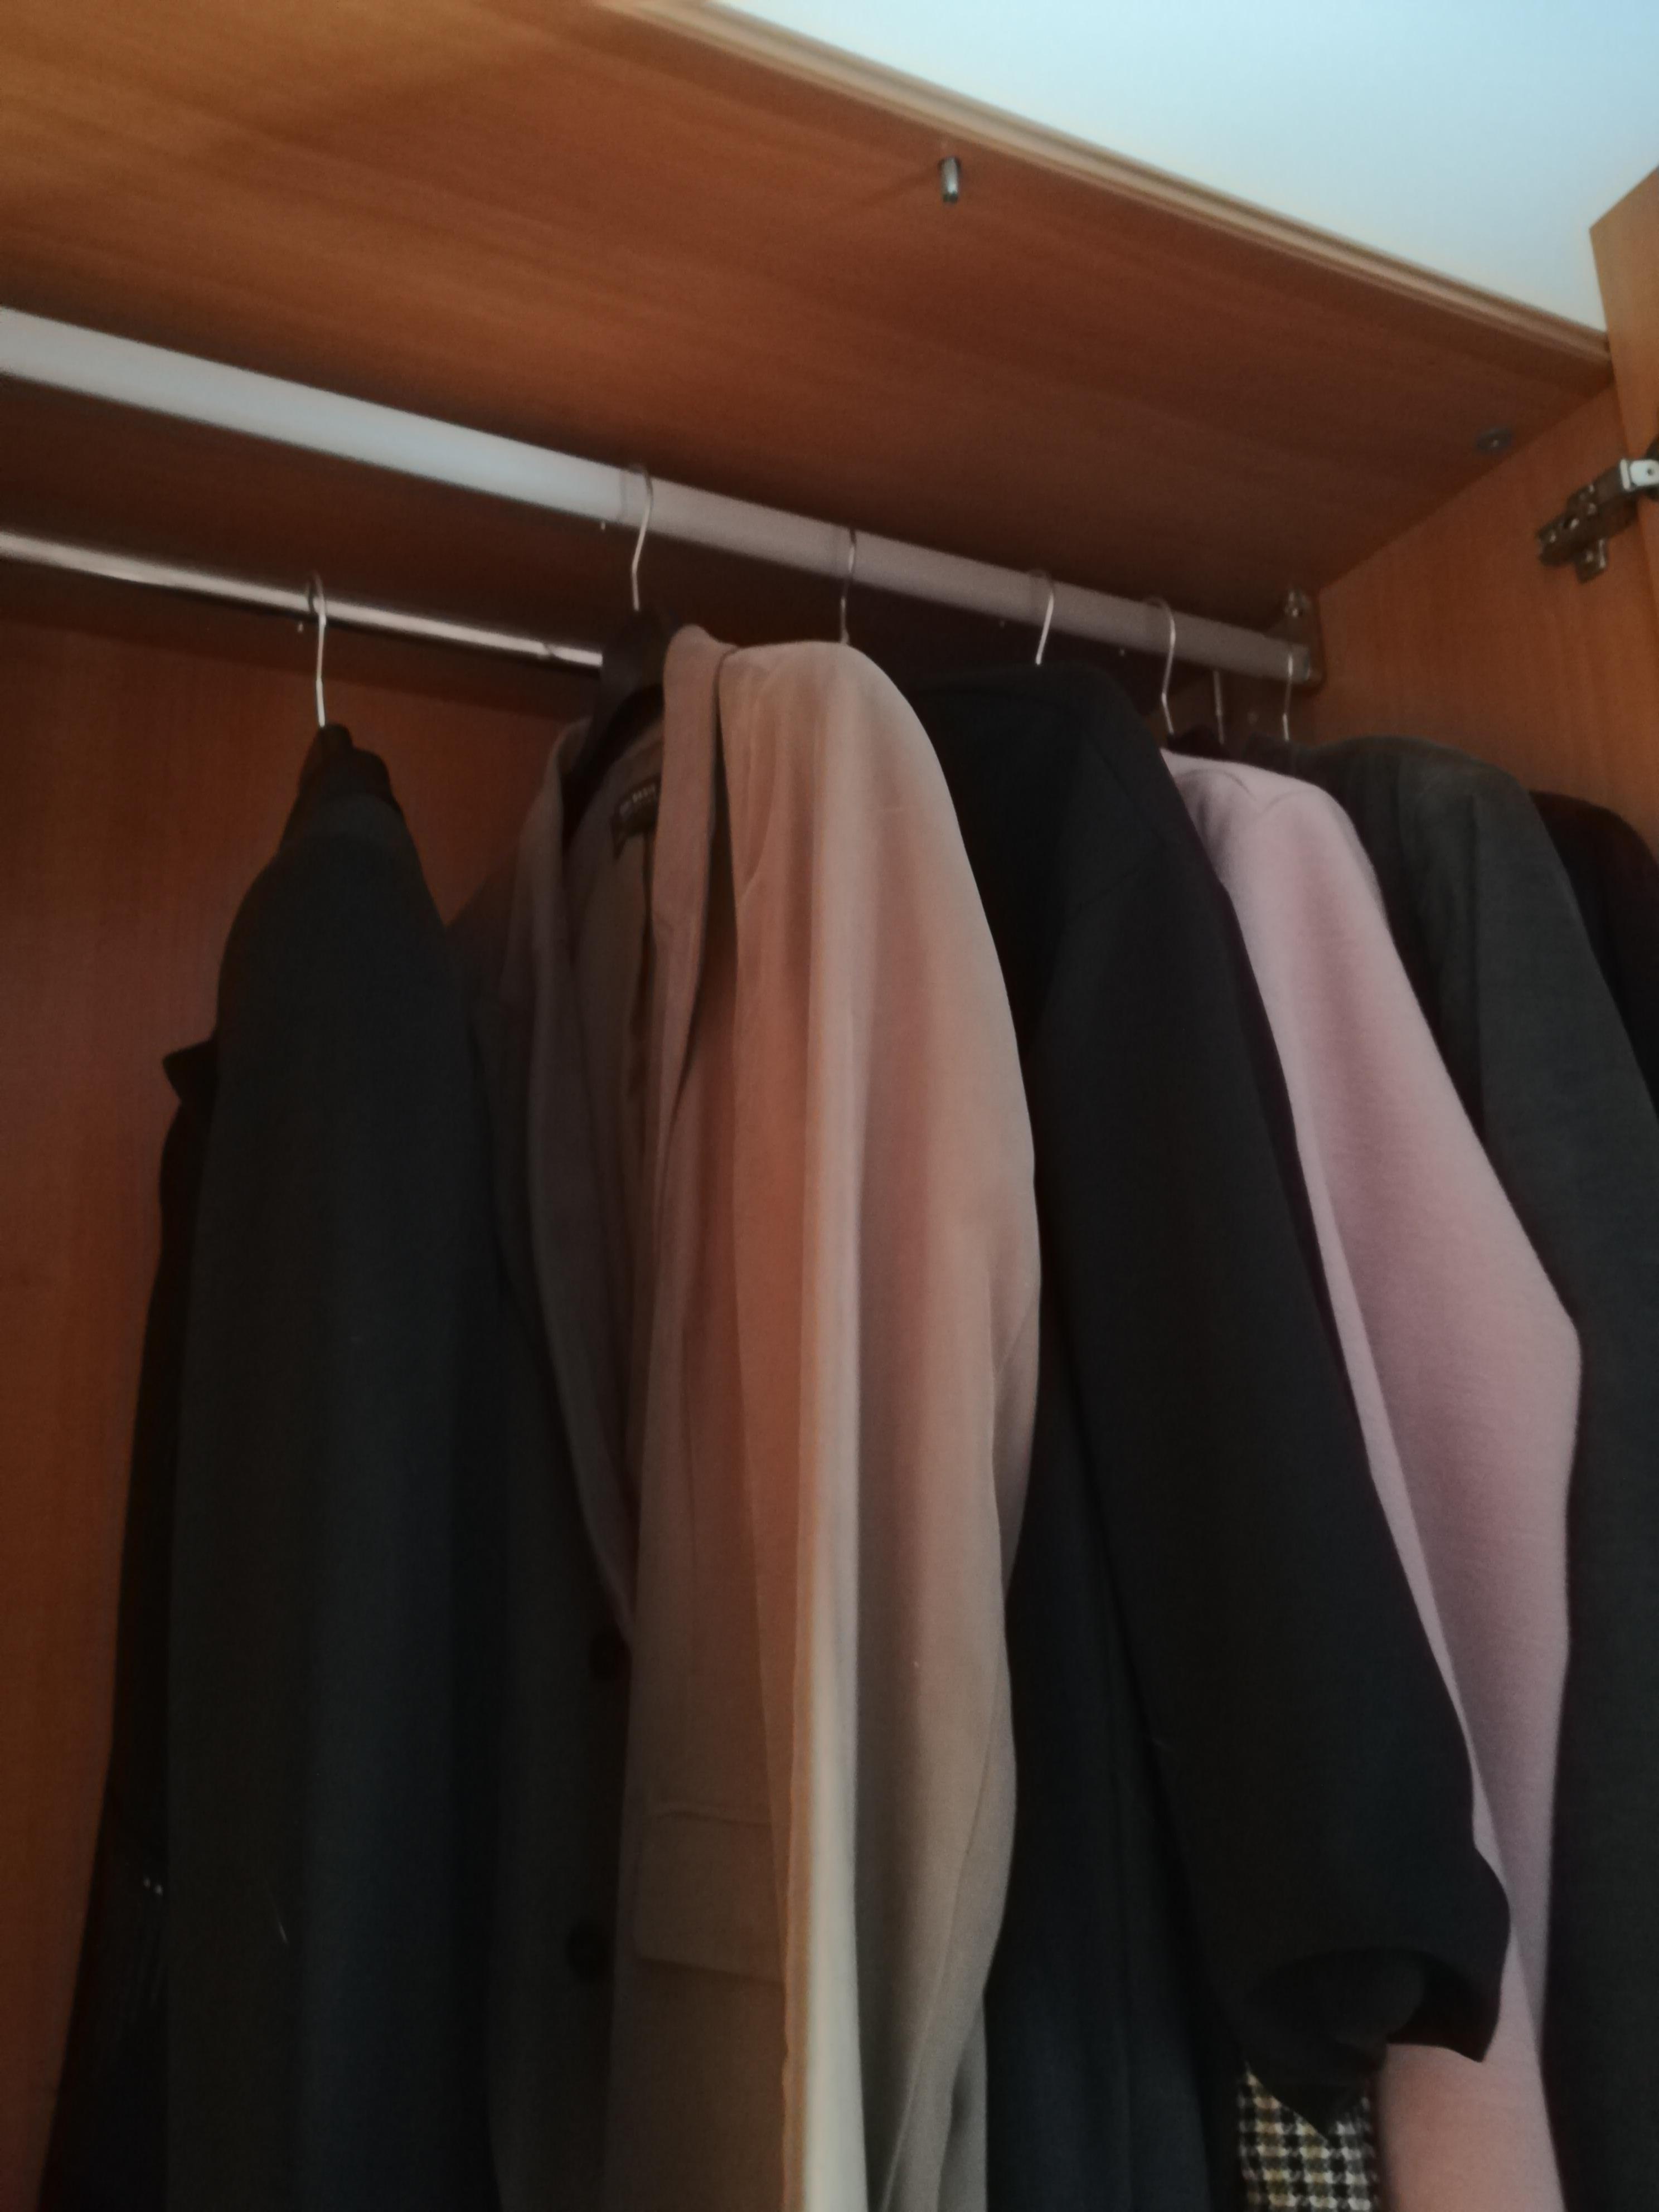 Più posto nell'armadio